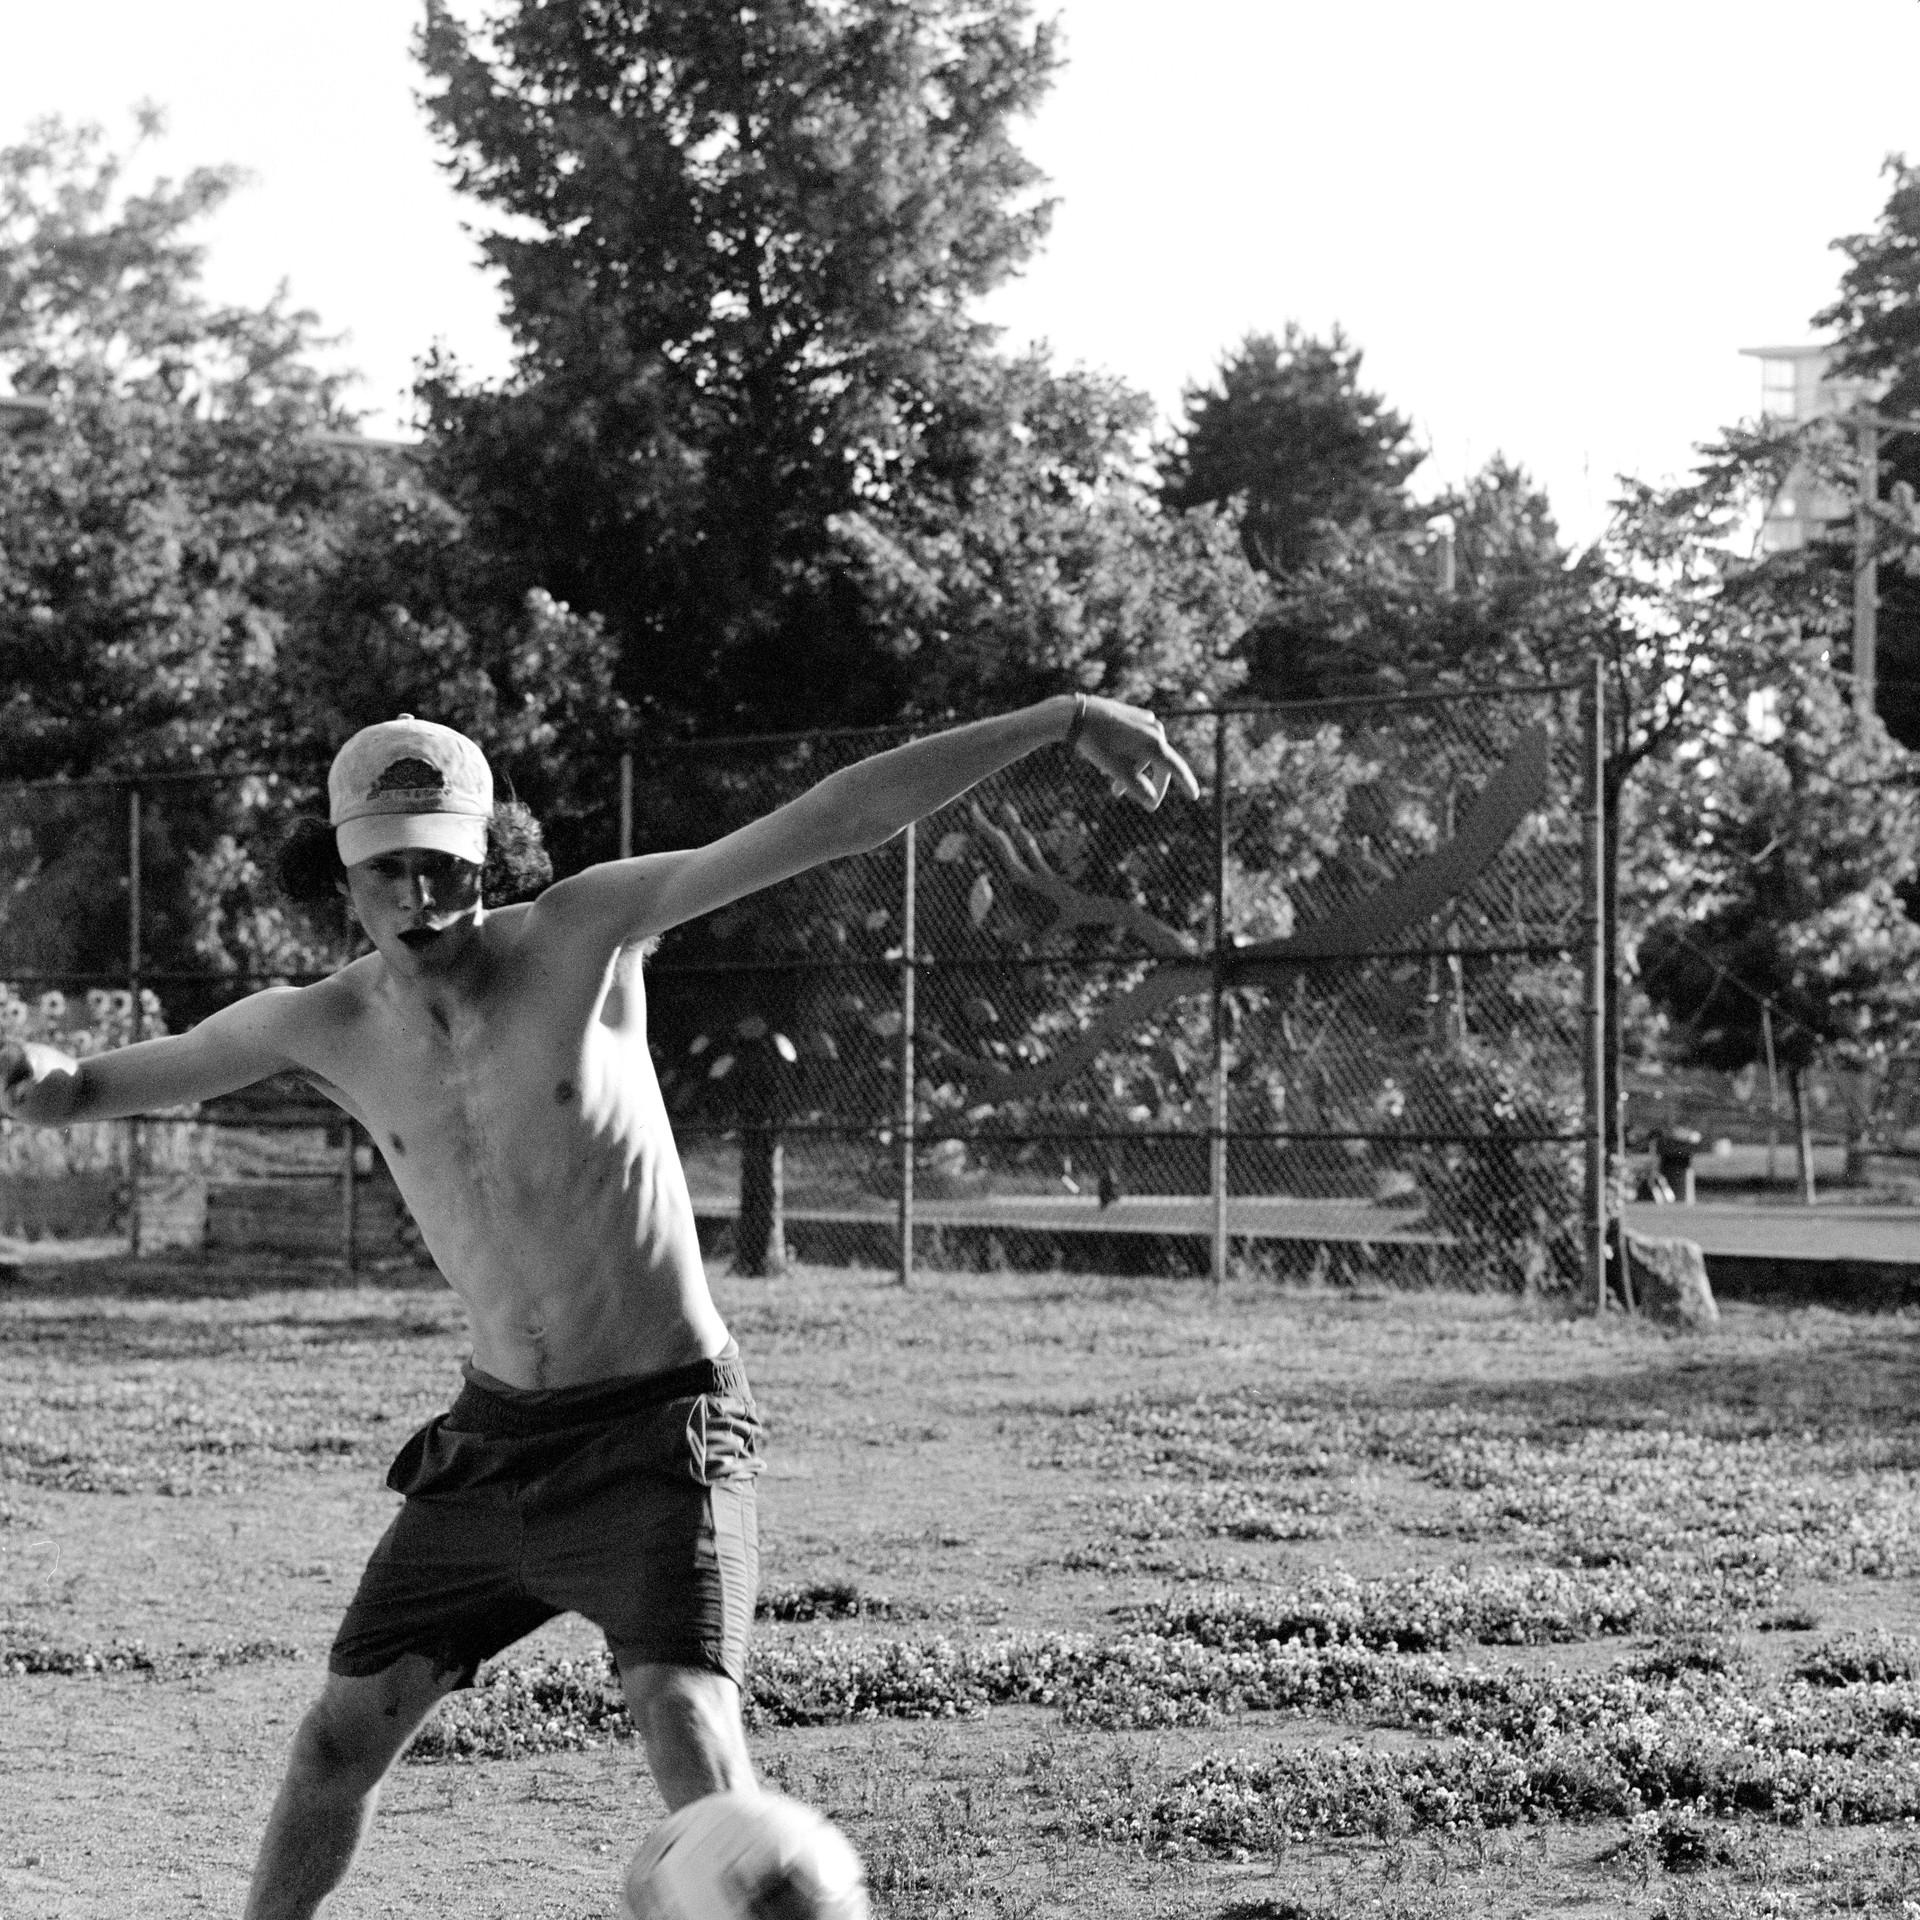 Clyde, pelota